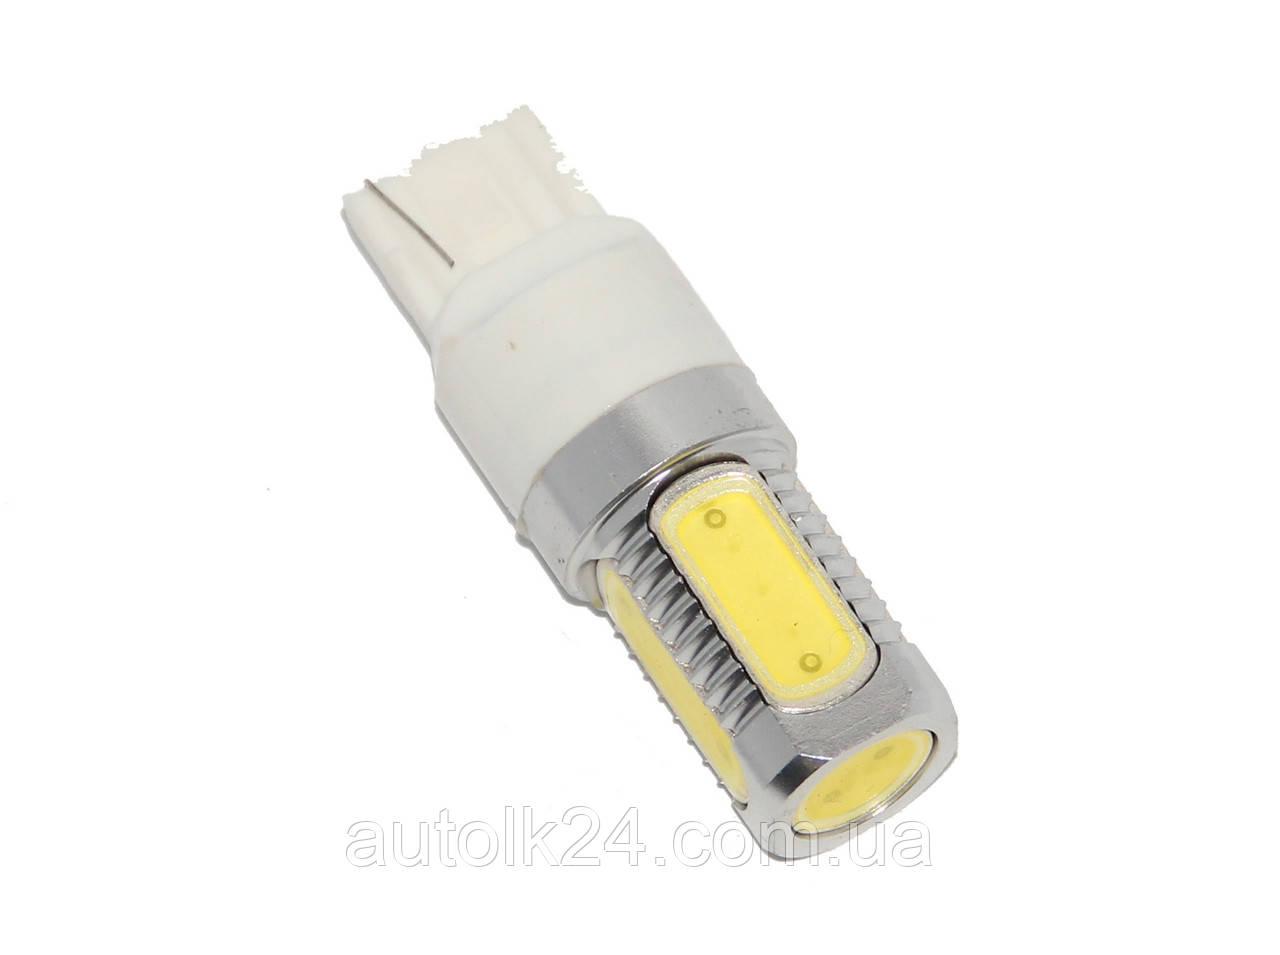 Led лампы T20 W21W 7.5W 12V